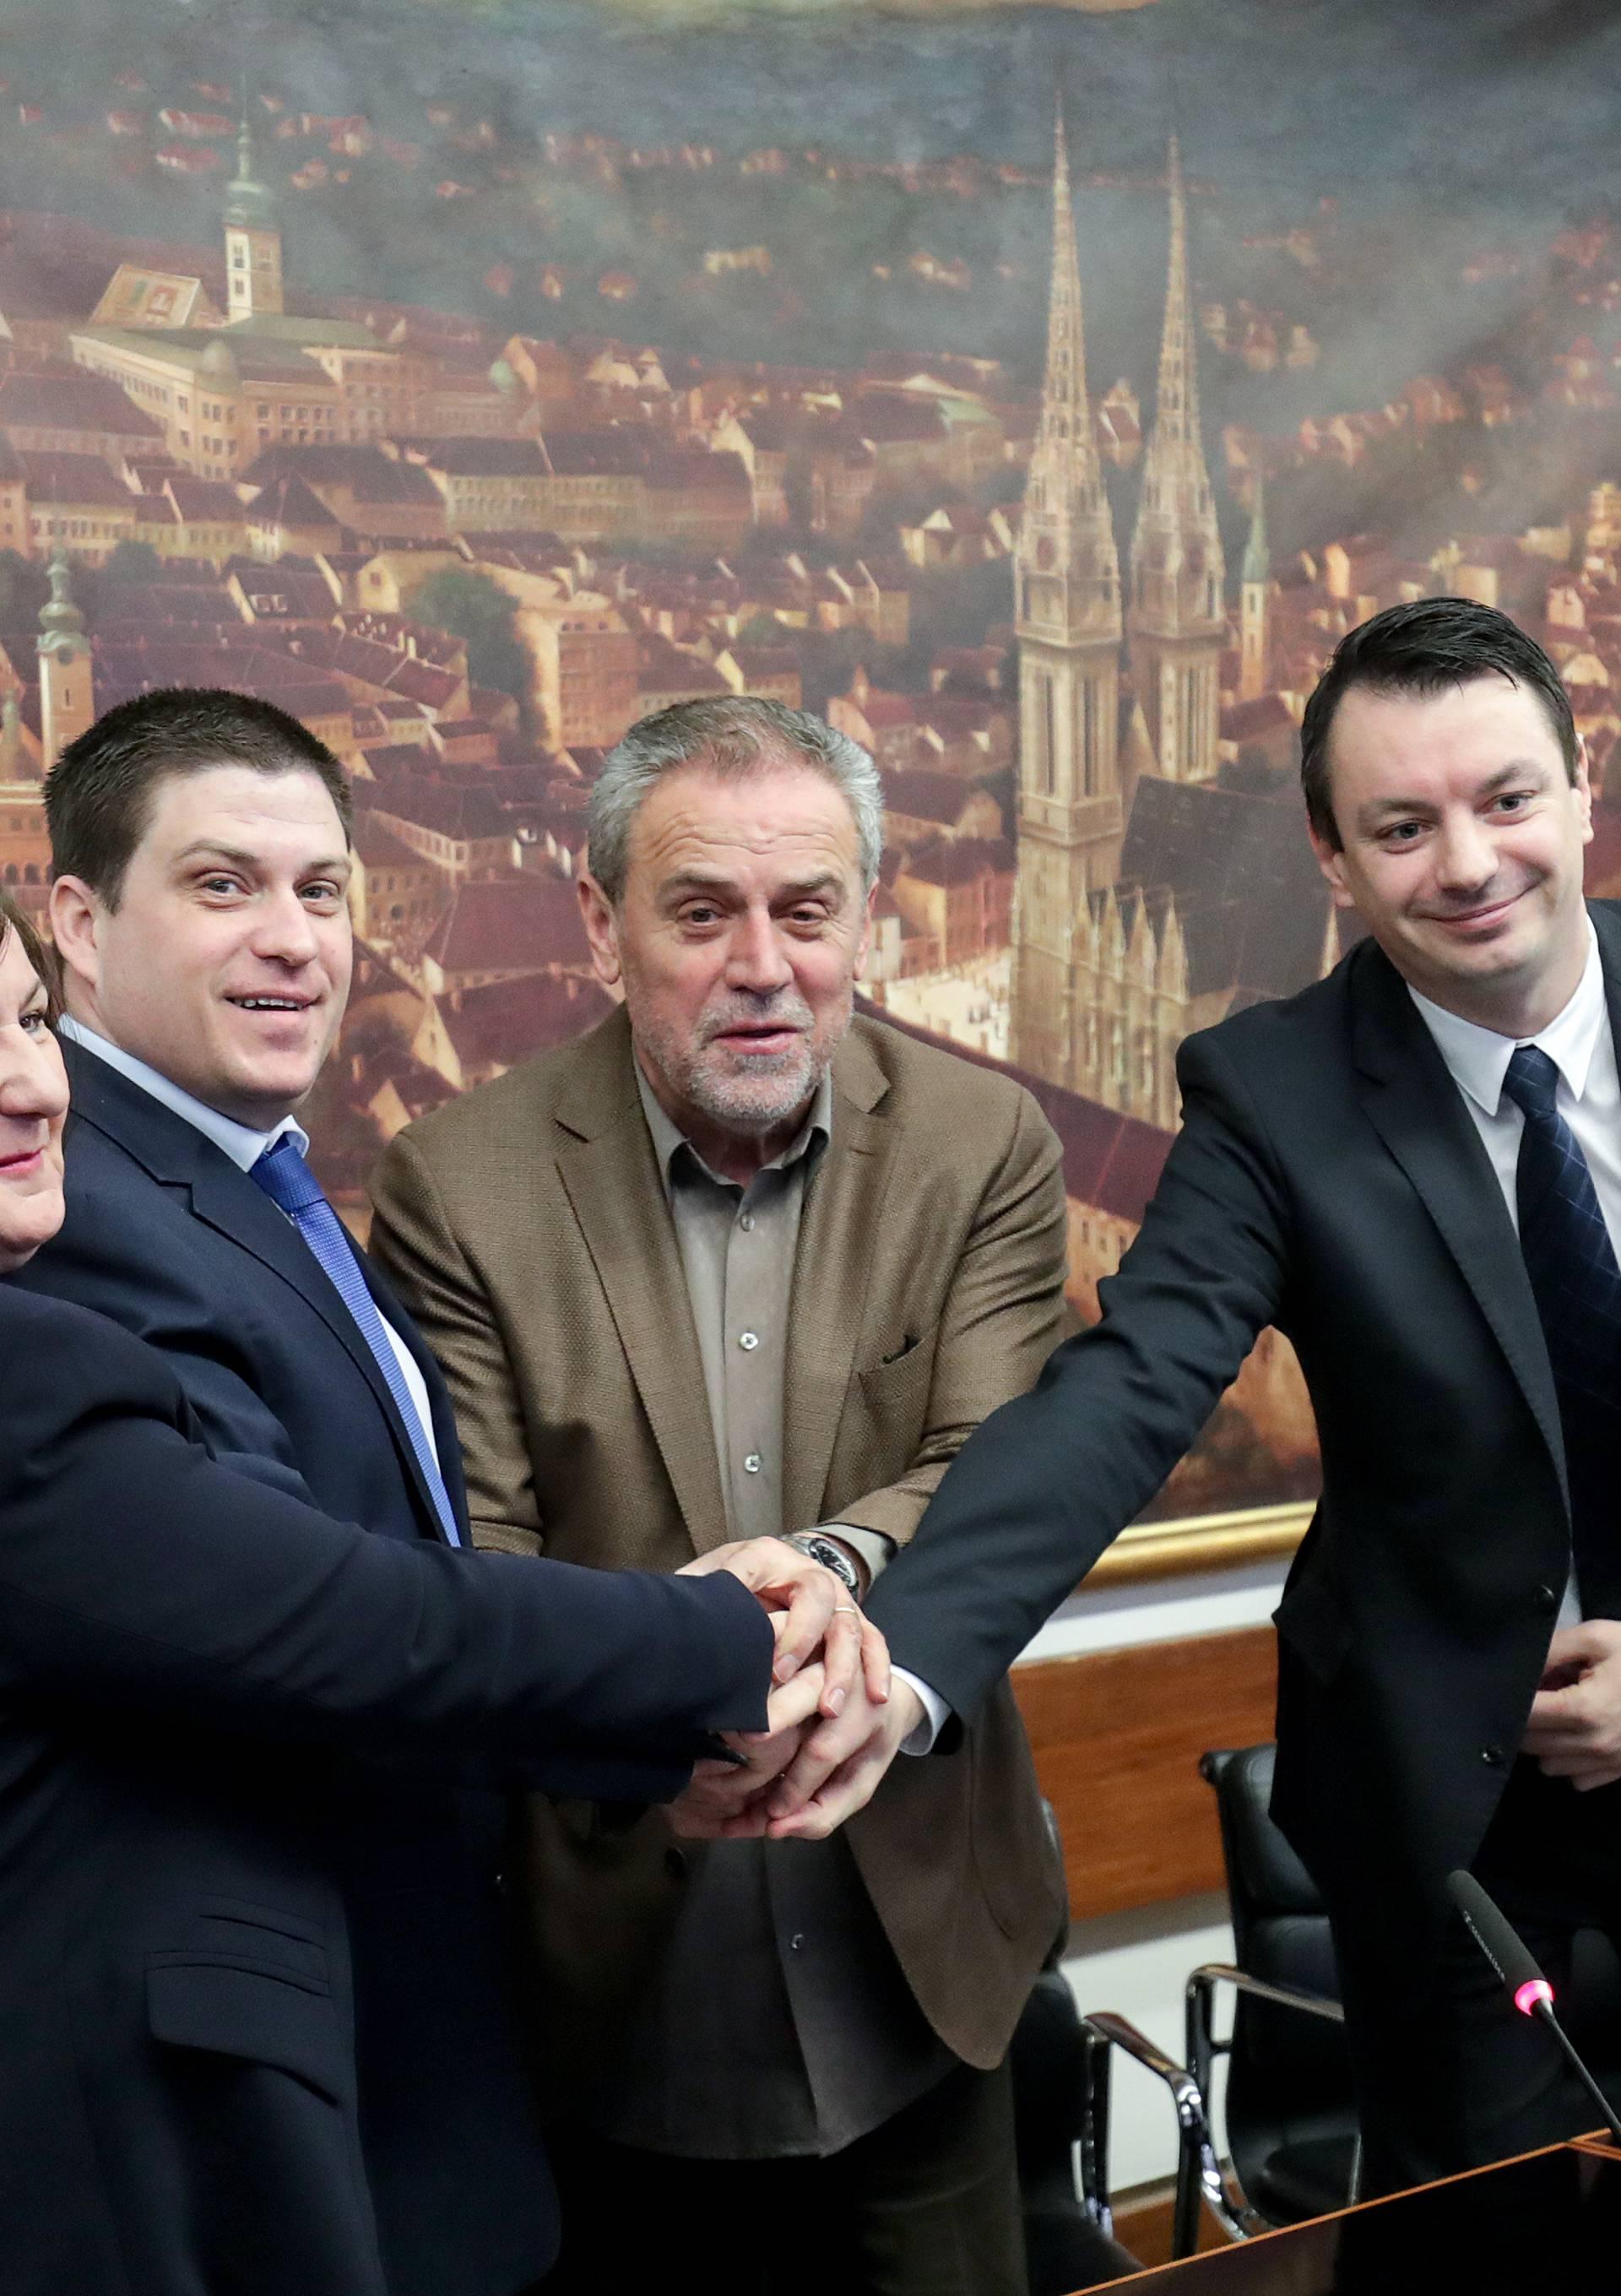 Zagreb: Potpisan ugovor o dodjeli bespovratnih sredstava za nabavu 29 autobusa ZET-a